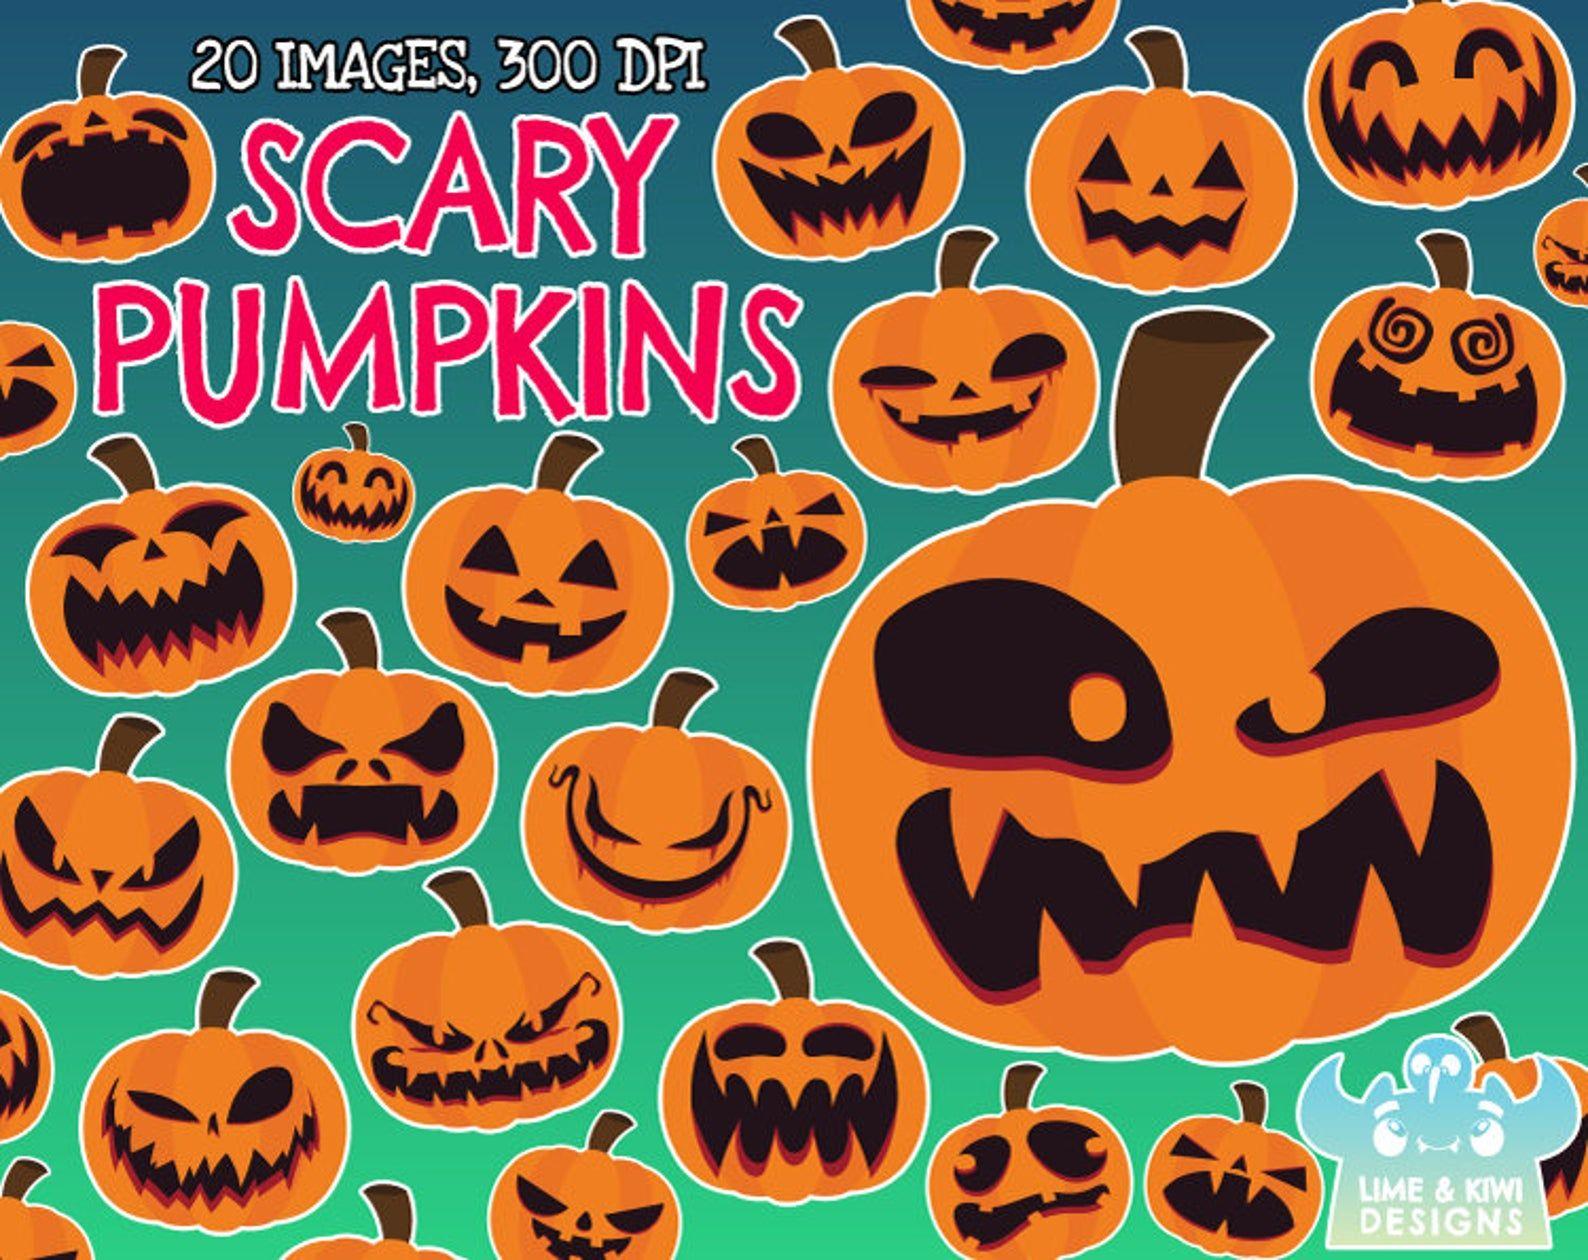 Scary Halloween Pumpkins Clipart Instant Download Vector